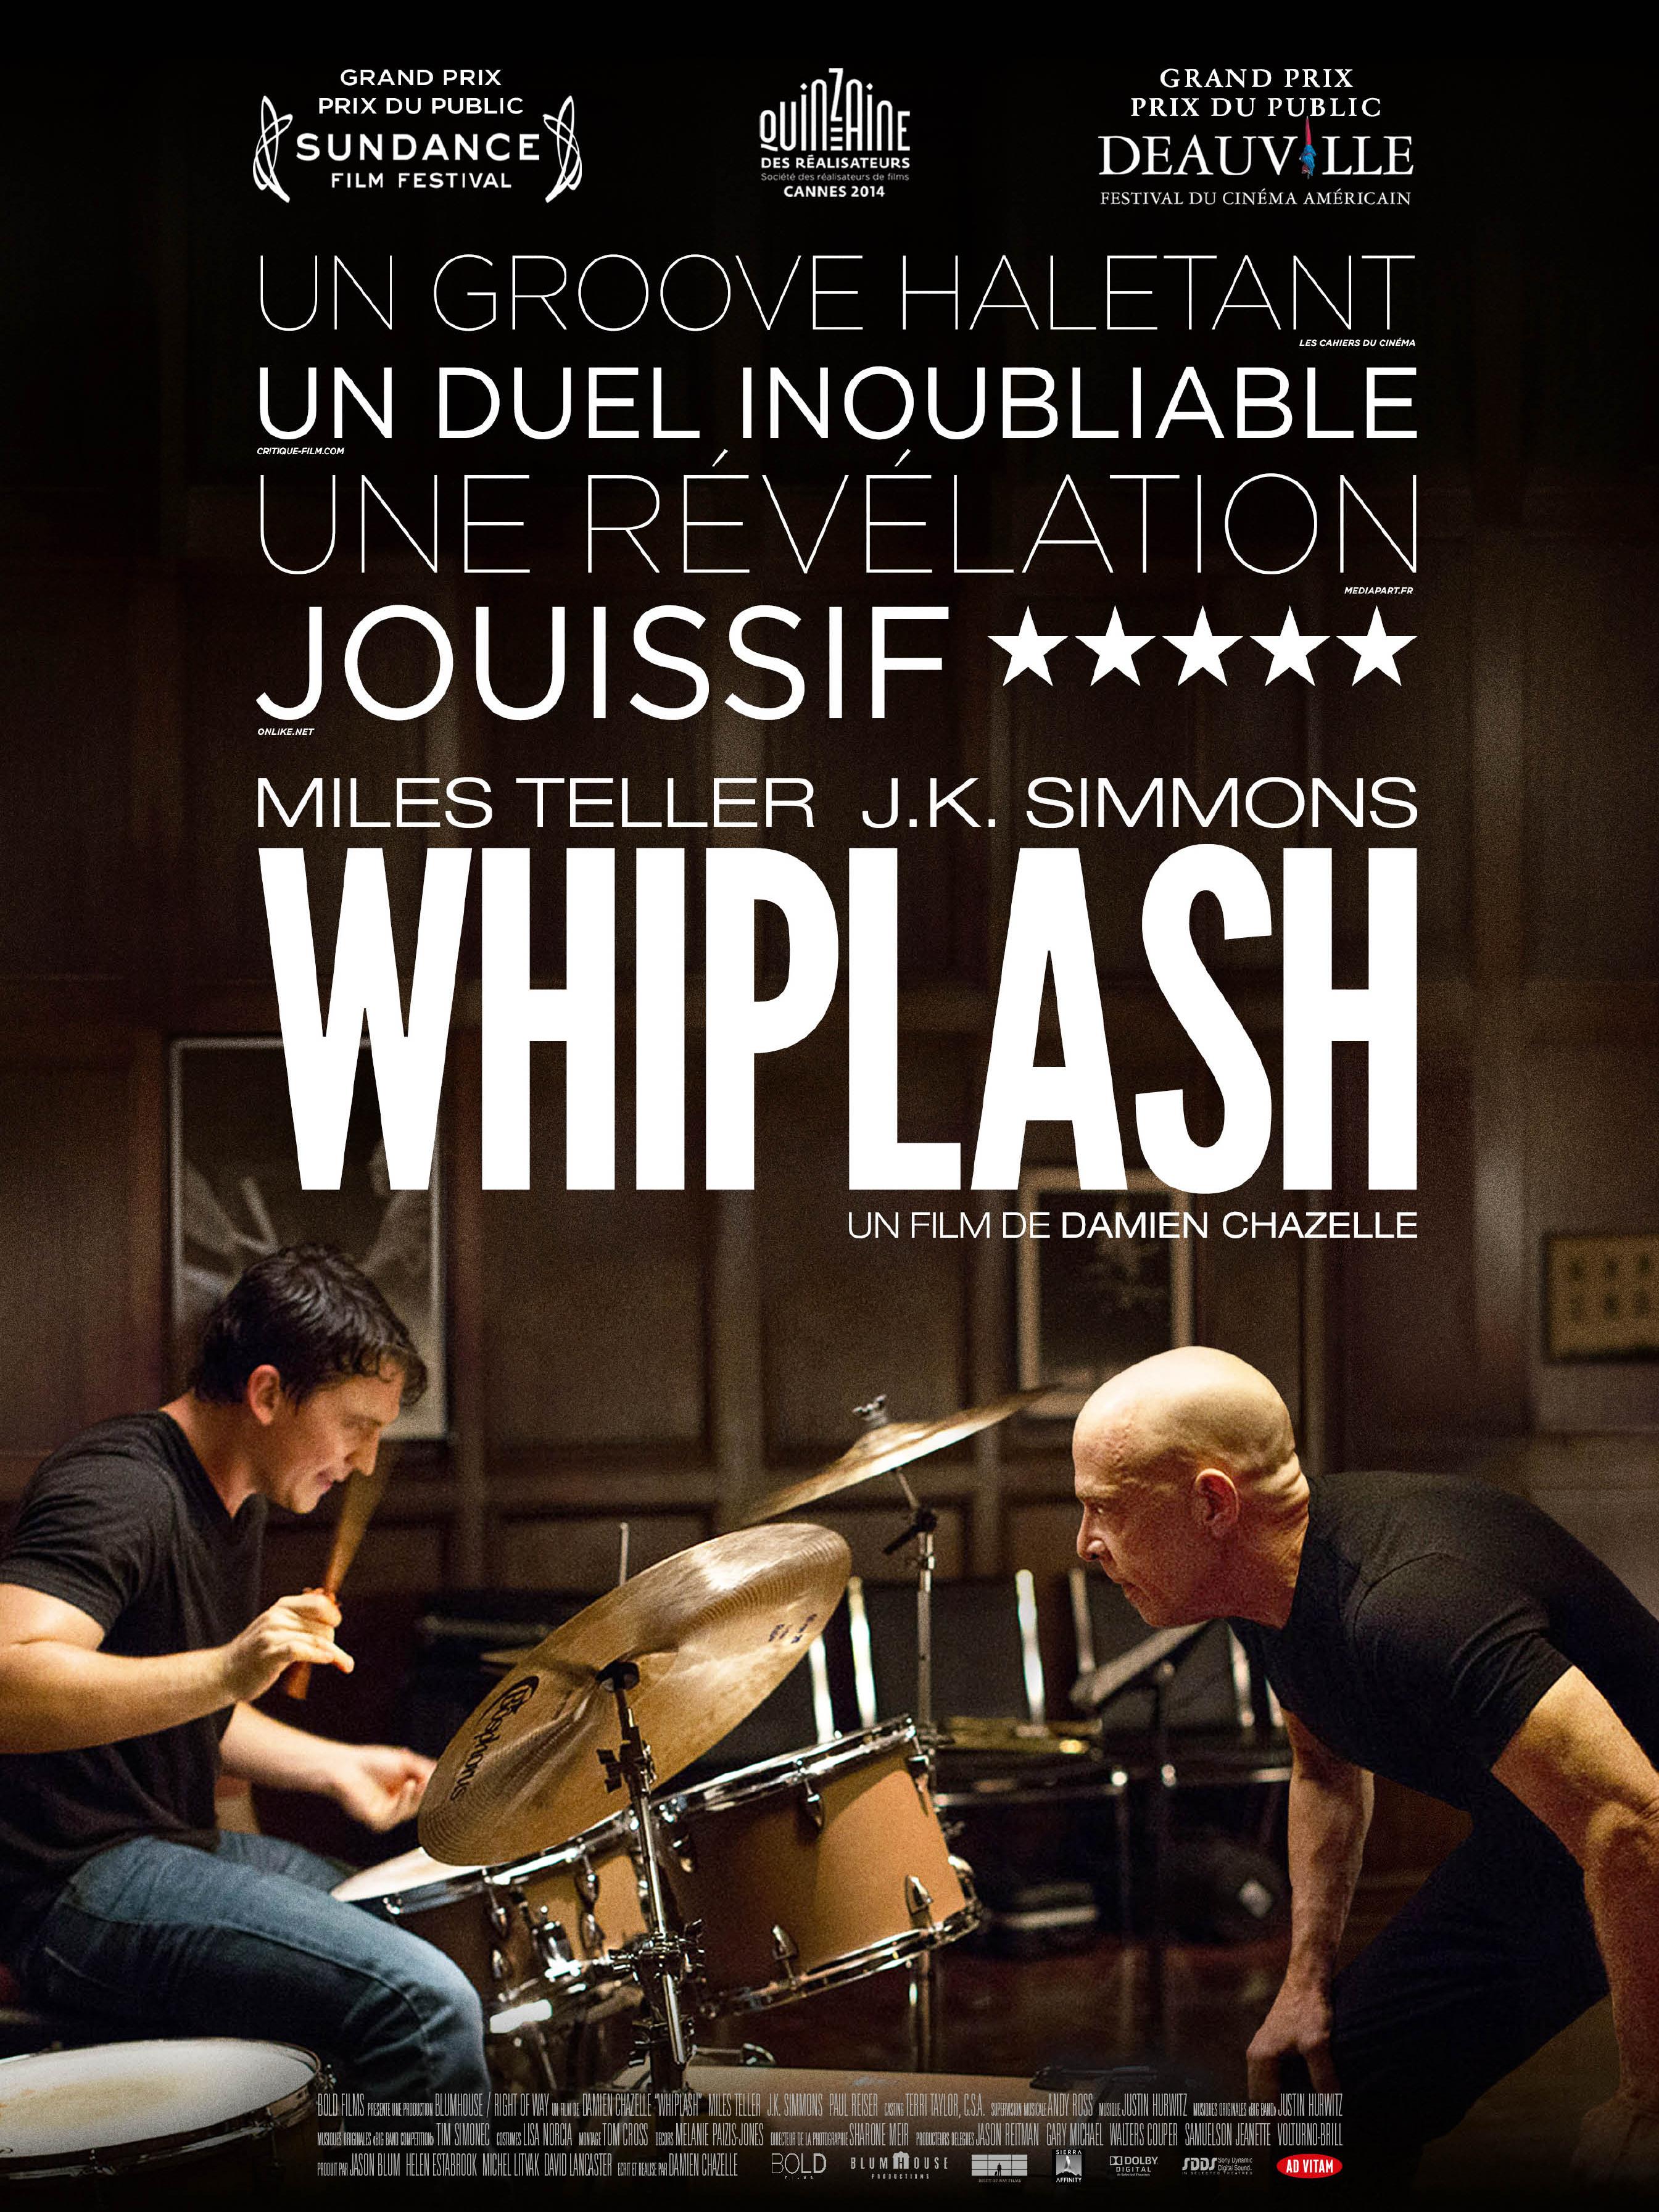 Whiplash | Chazelle, Damien (Réalisateur)